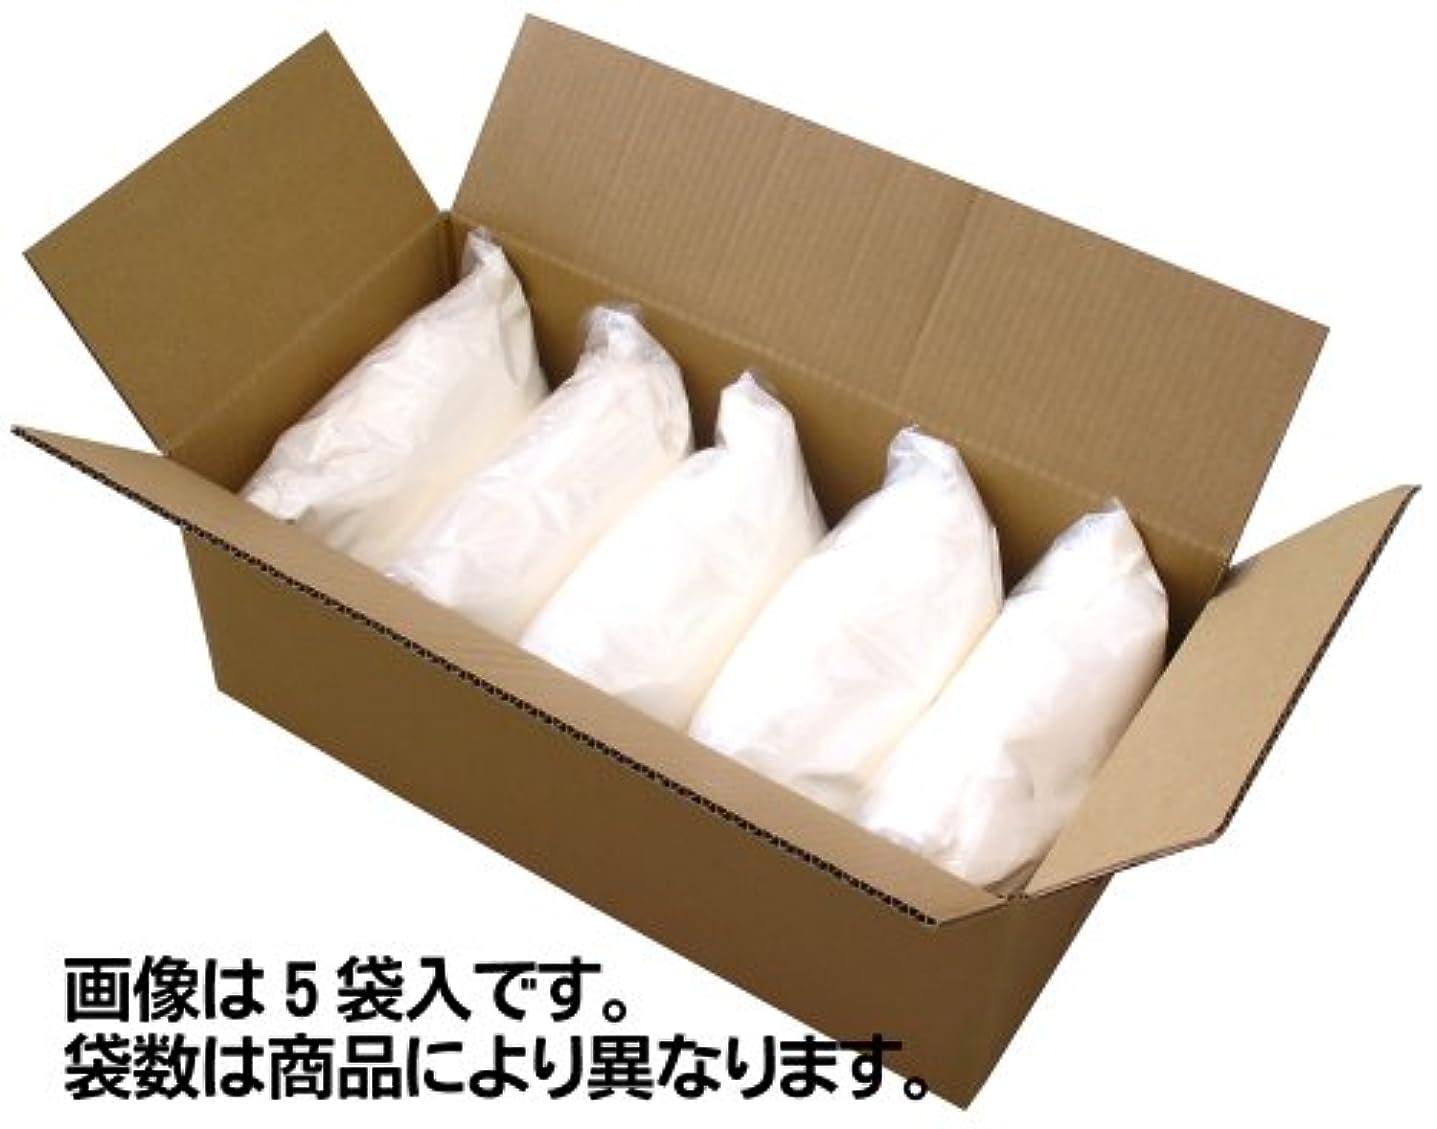 免除クック引退する業務用 難消化性デキストリン4kg×3袋 水溶性食物繊維約85%